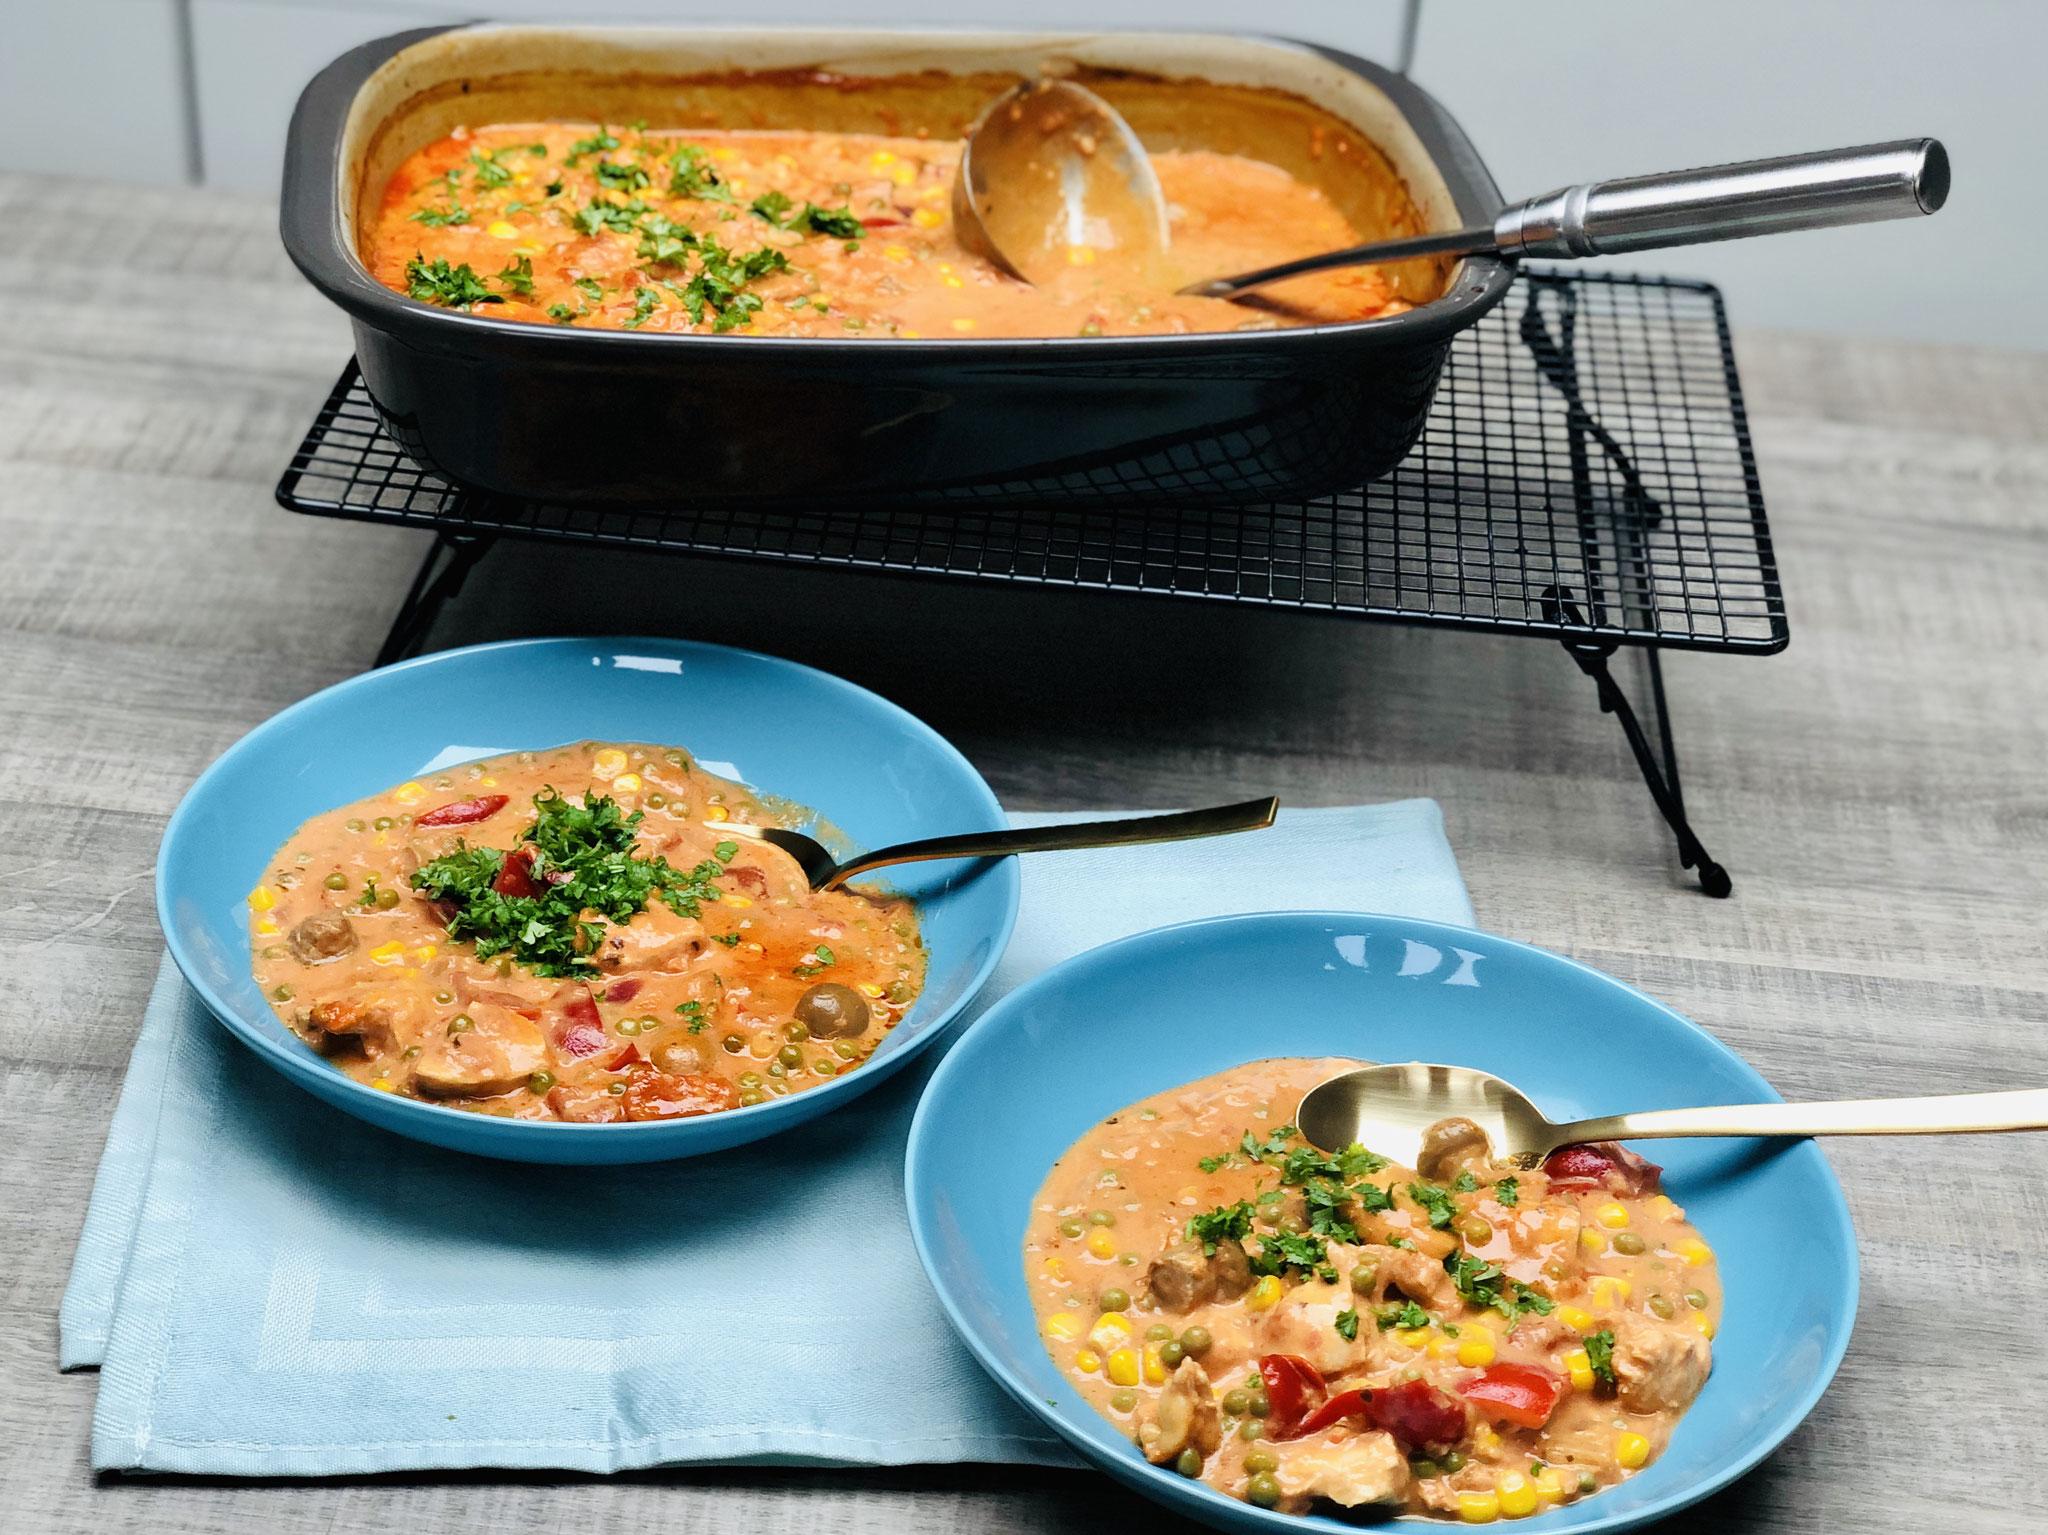 Zubereitet im Grundset von Pampered Chef - Das Grundset enthält die rechteckige große Ofenhexe® und den Zauberstein Finn von Pampered Chef®